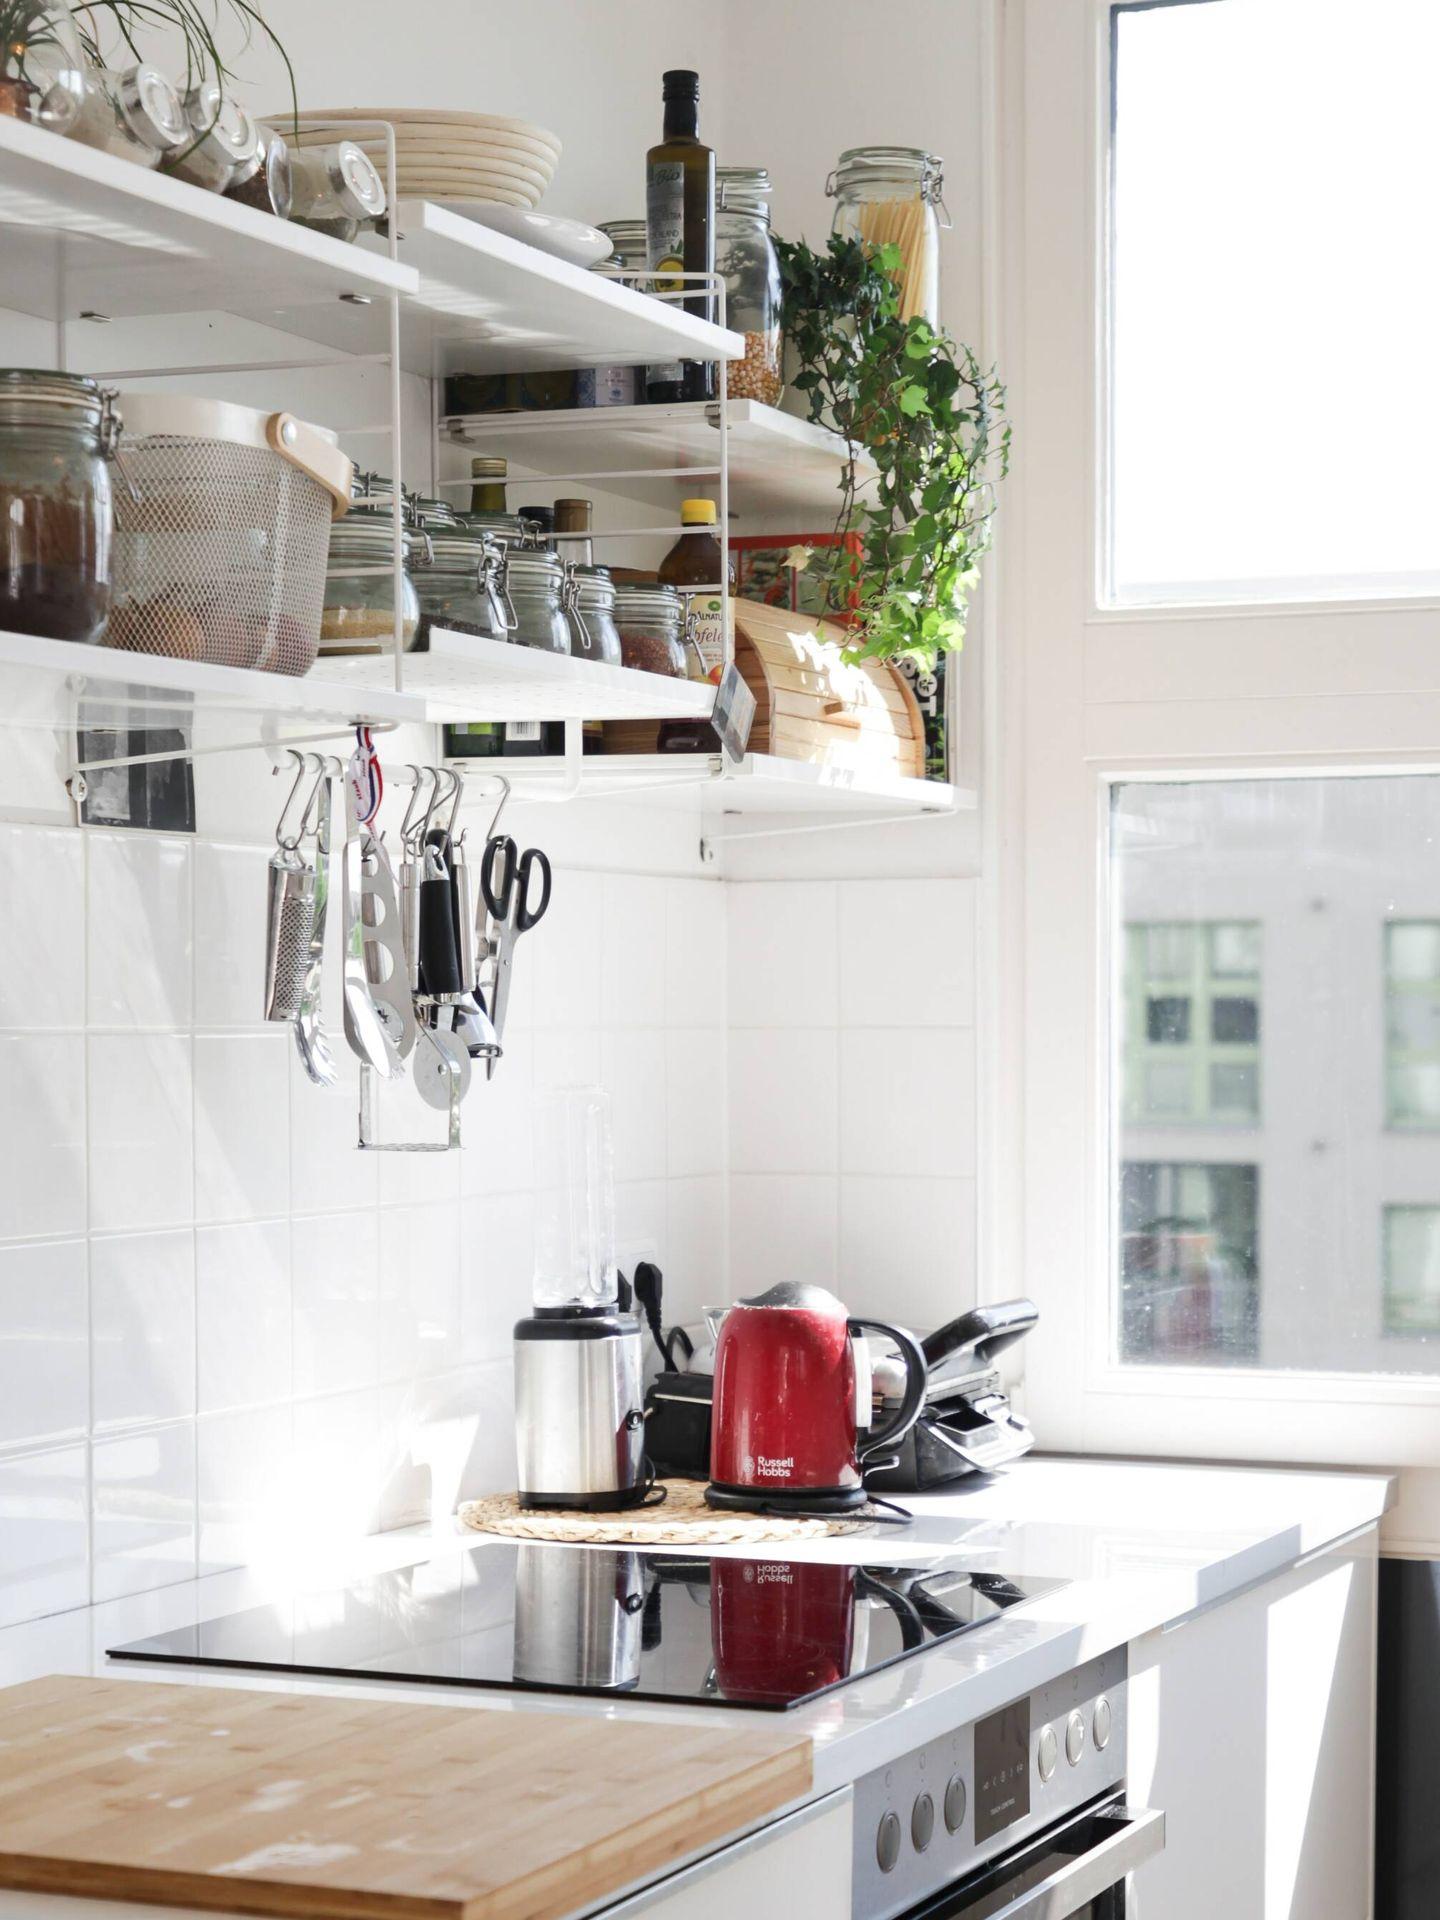 Errores a evitar al organizar tu cocina. (Beazy para Unsplash)